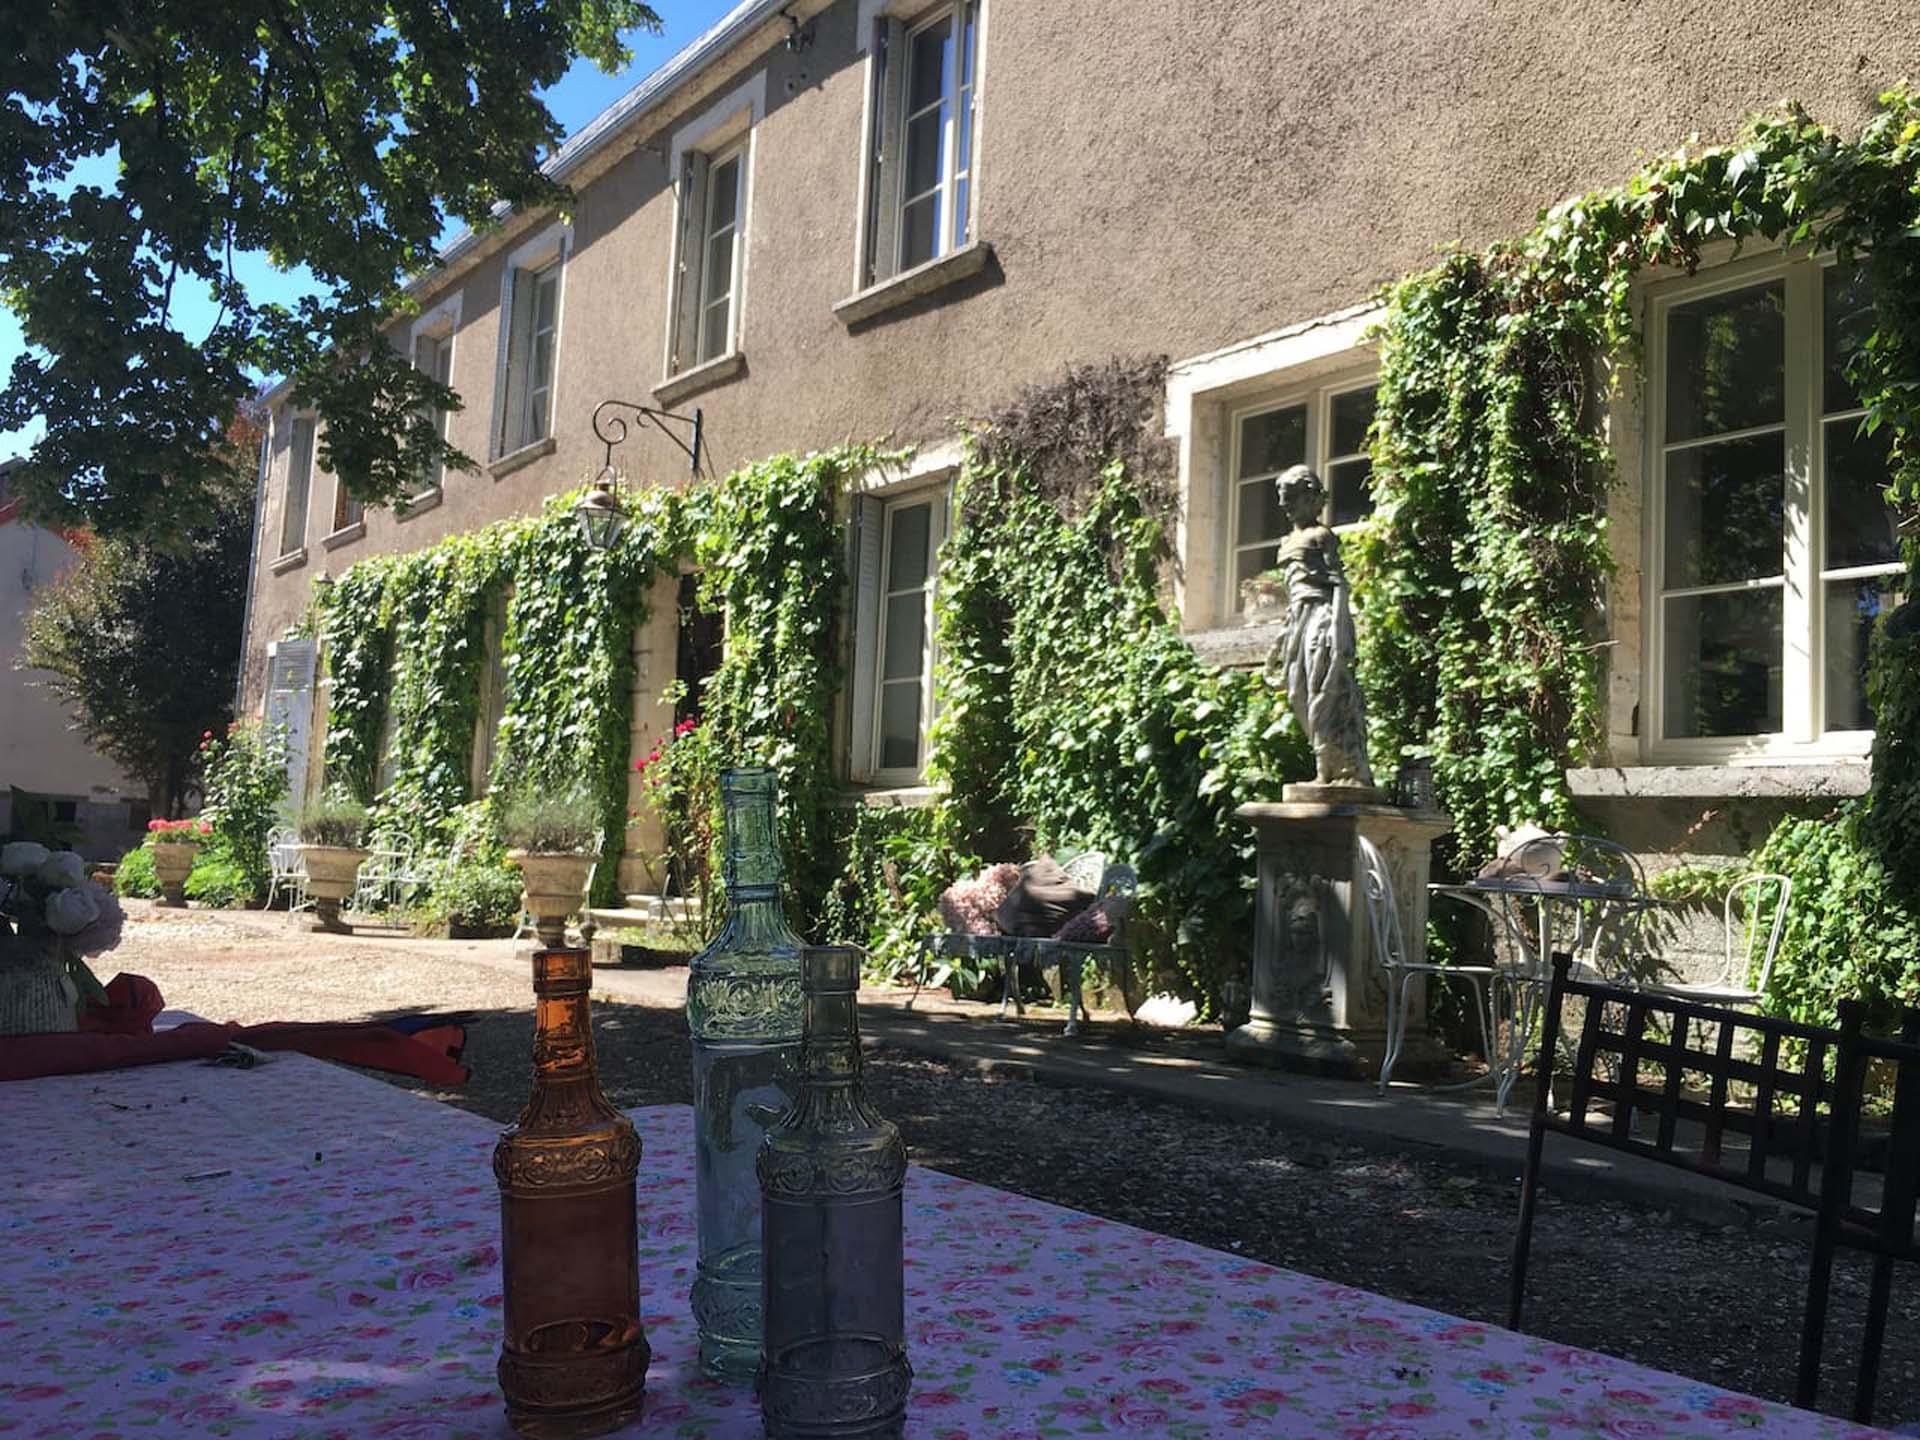 Chambres d'hôtes-domaine-dAlligny